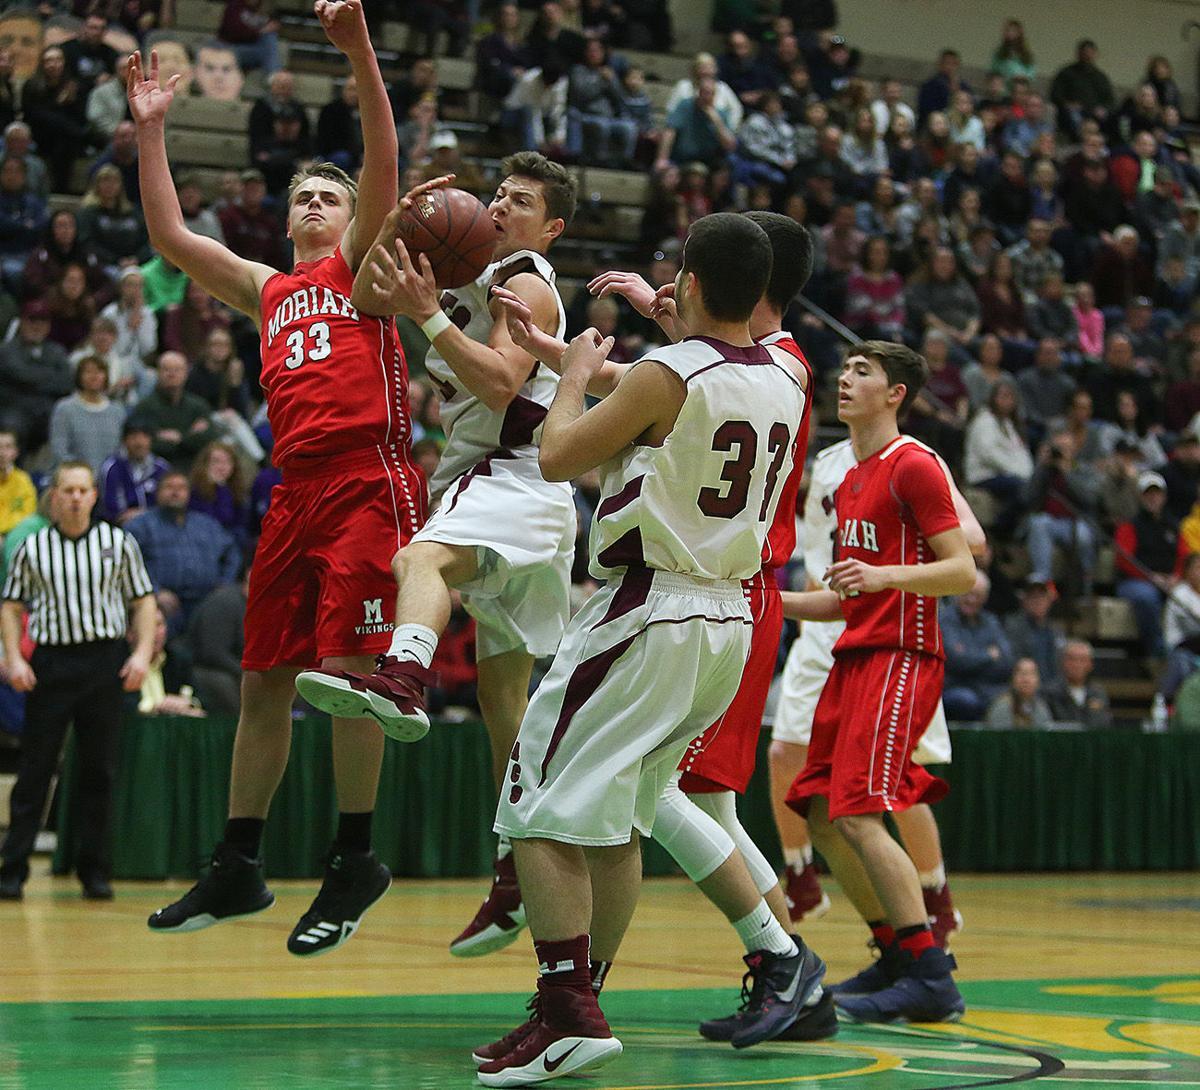 Boys basketball -- Argyle vs. Moriah